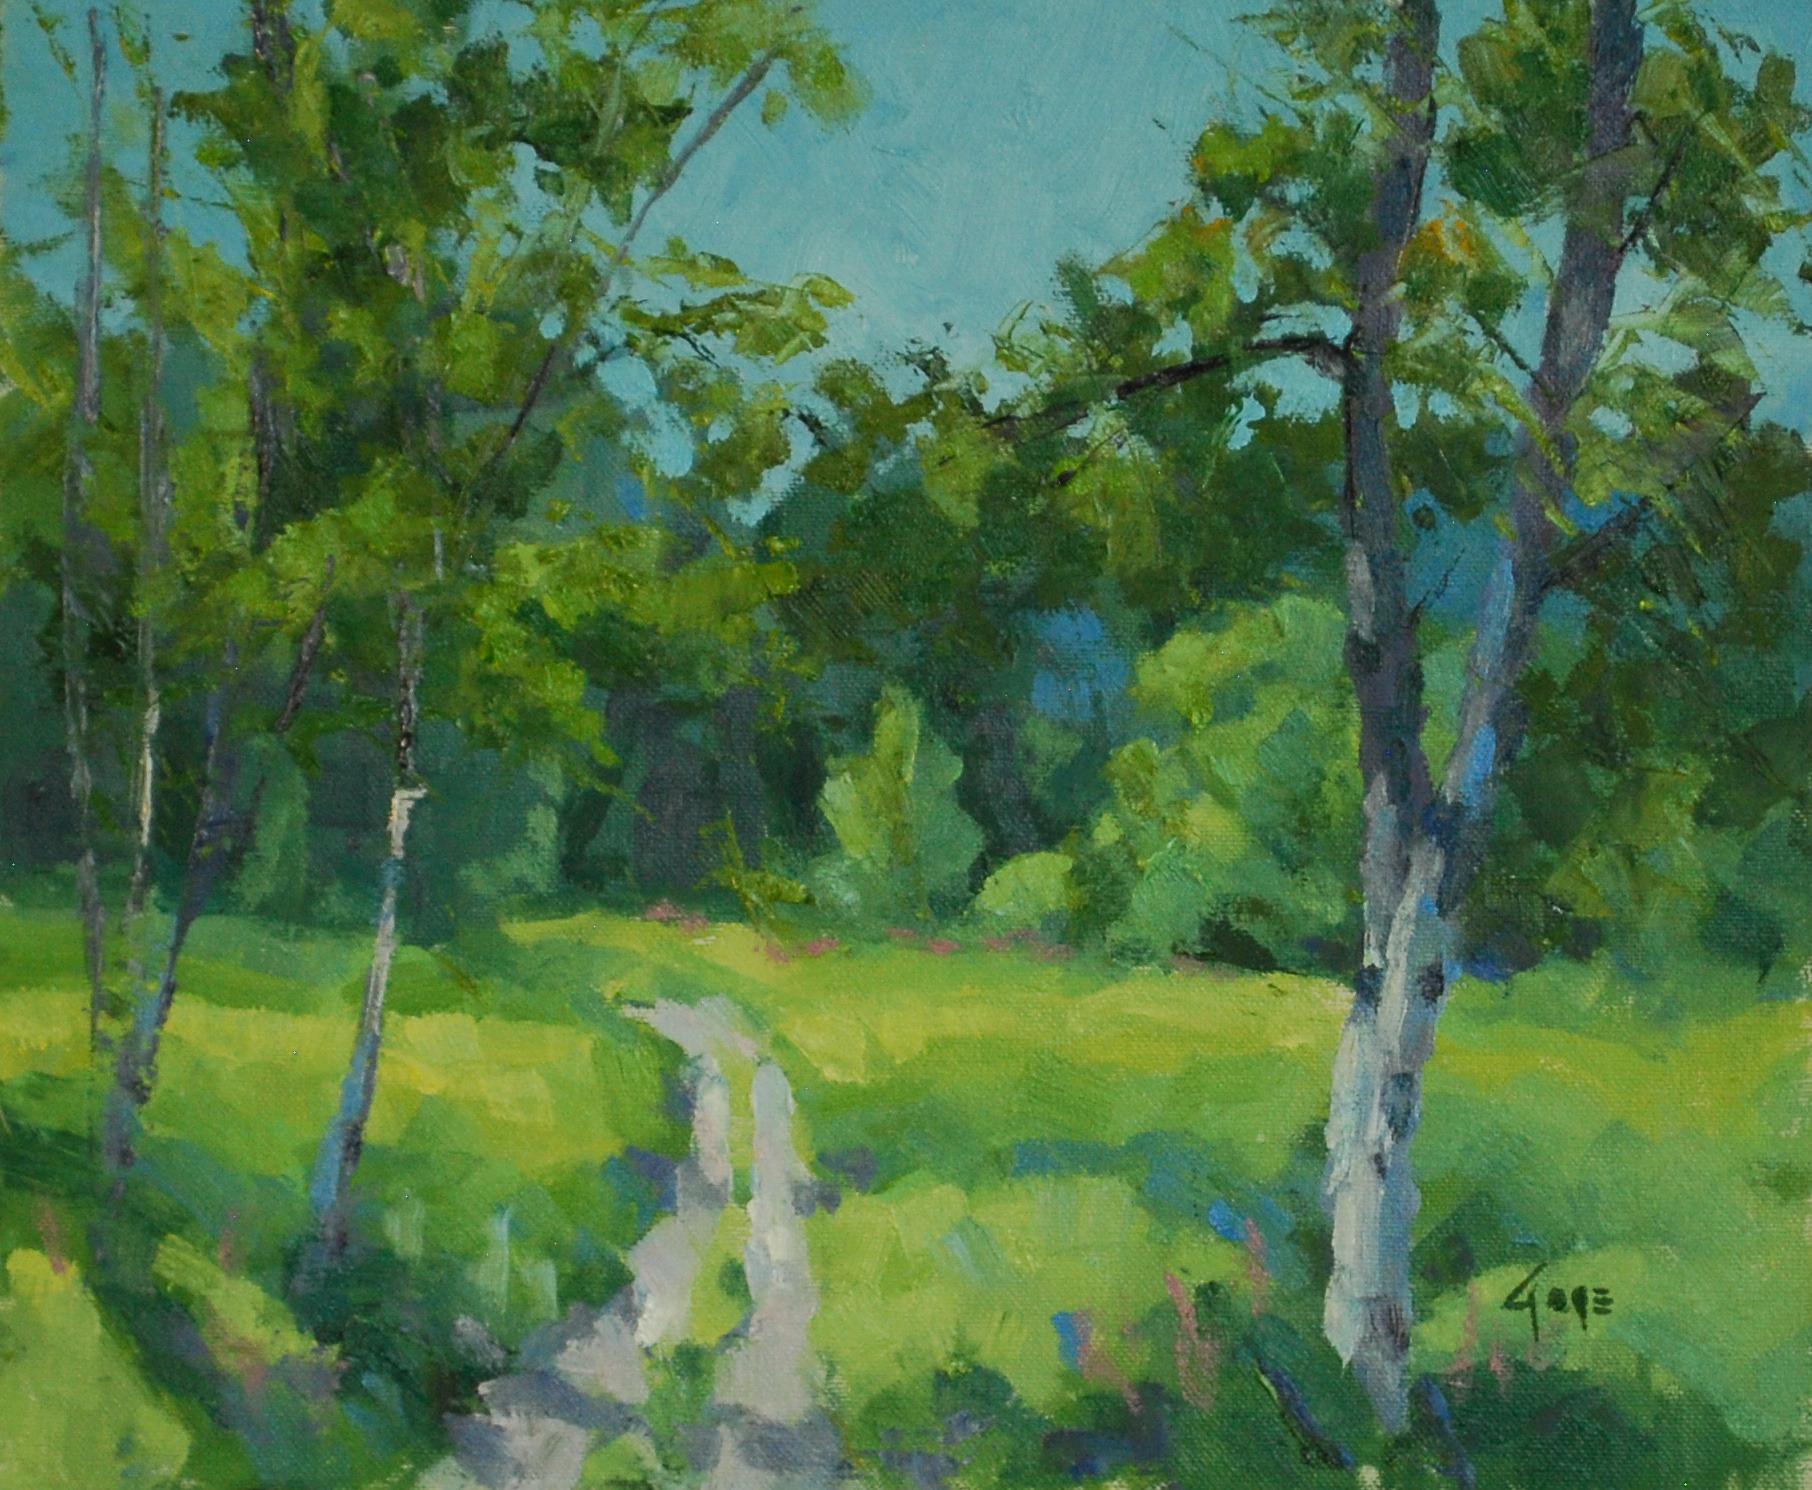 Summer trail f6jkts